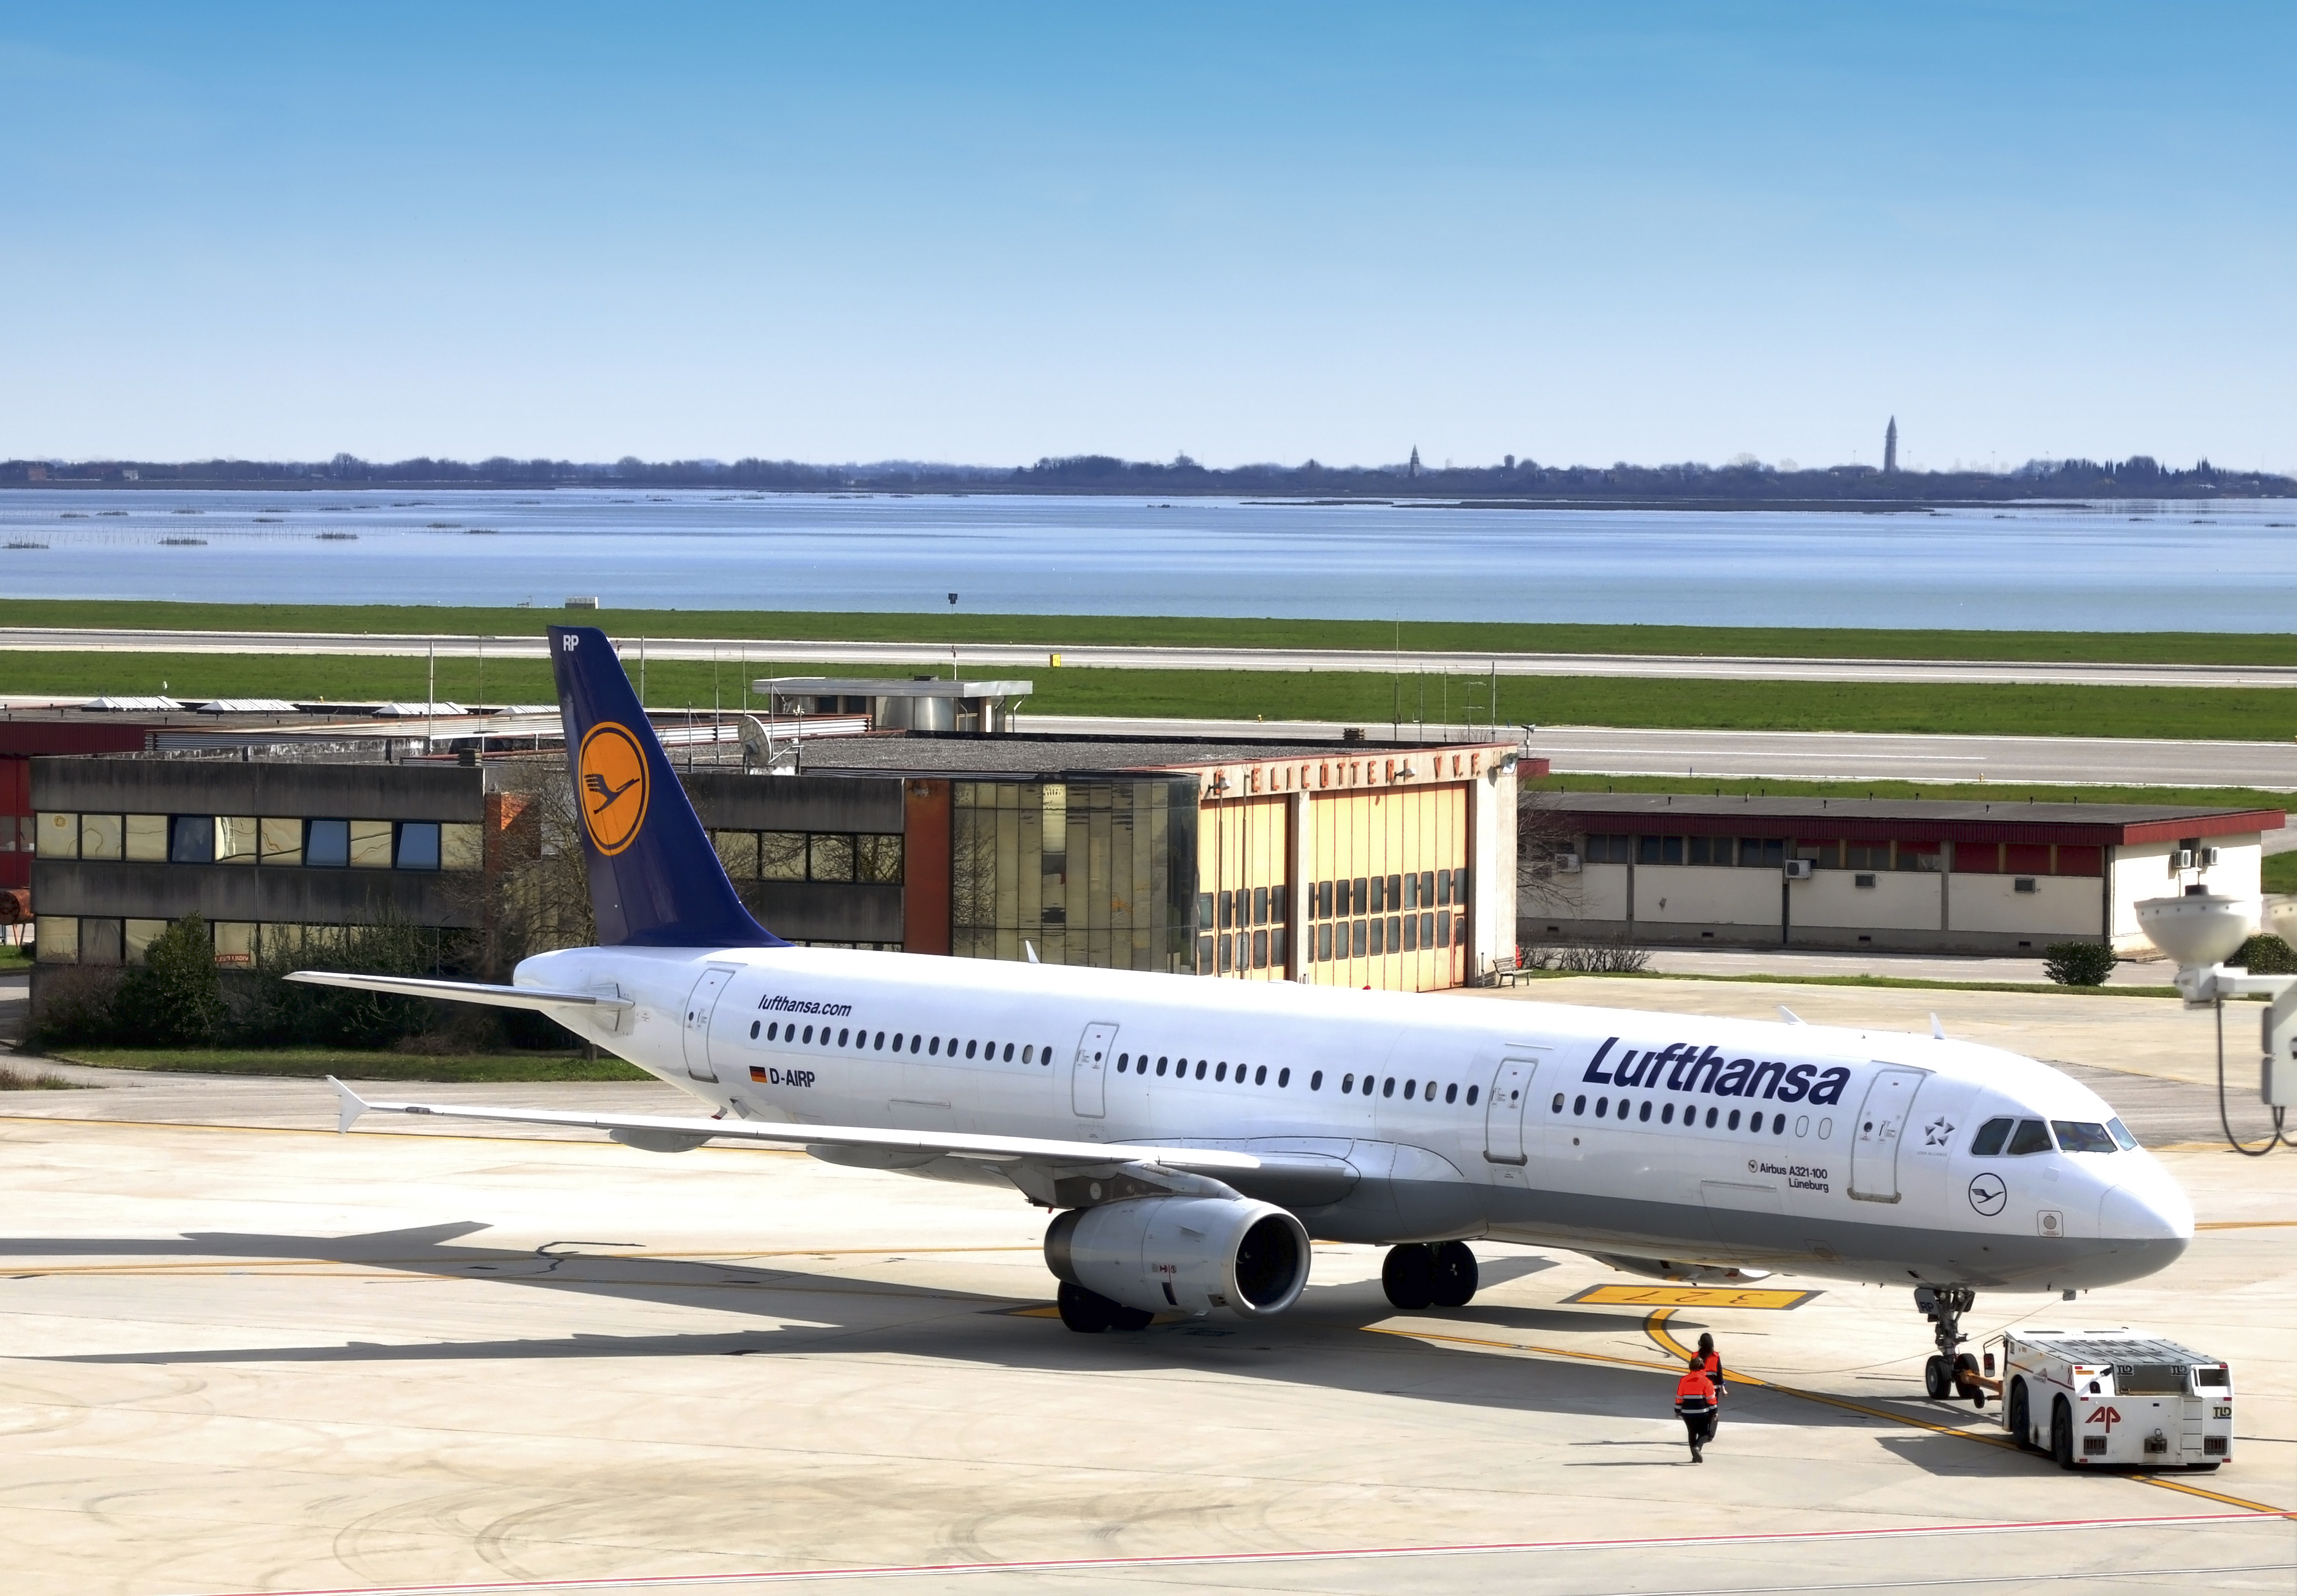 Huelga de la tripulación de Lufthansa en octubre de 2019: ¿Me veré afectado y puedo reclamar una indemnización?